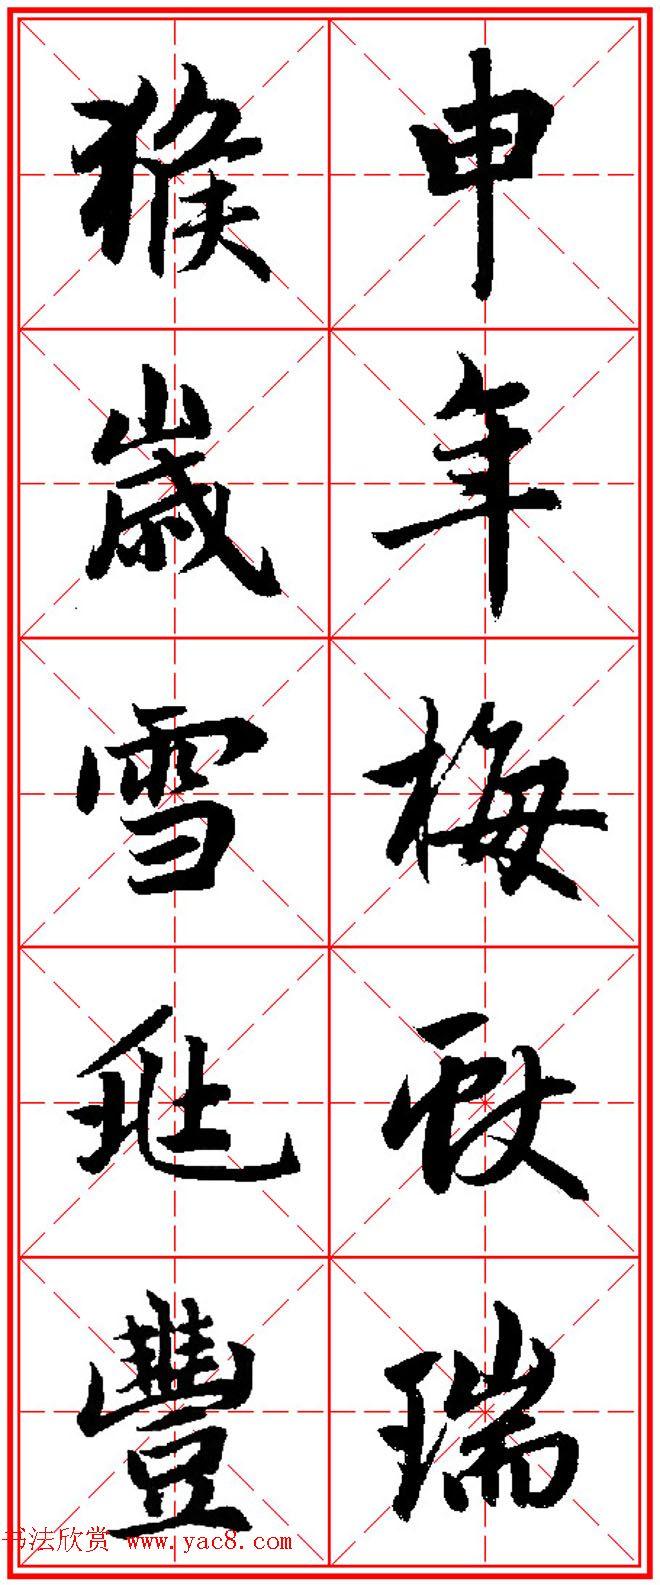 猴年春联书法欣赏 集赵孟頫行书字体五言对联 第2页 书法专题 书法欣赏图片